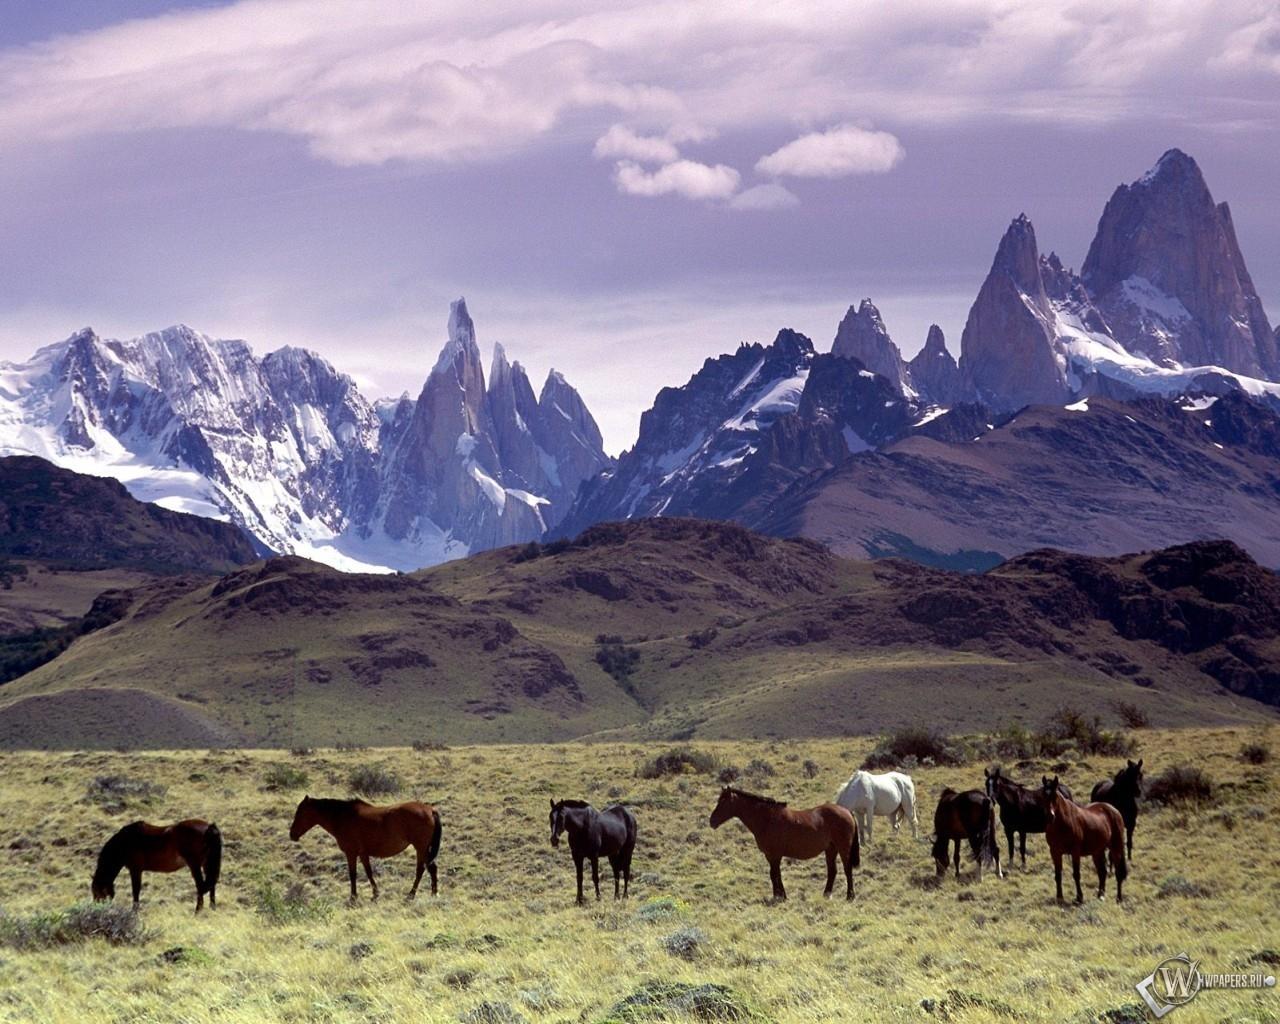 Кони в горах 1280x1024